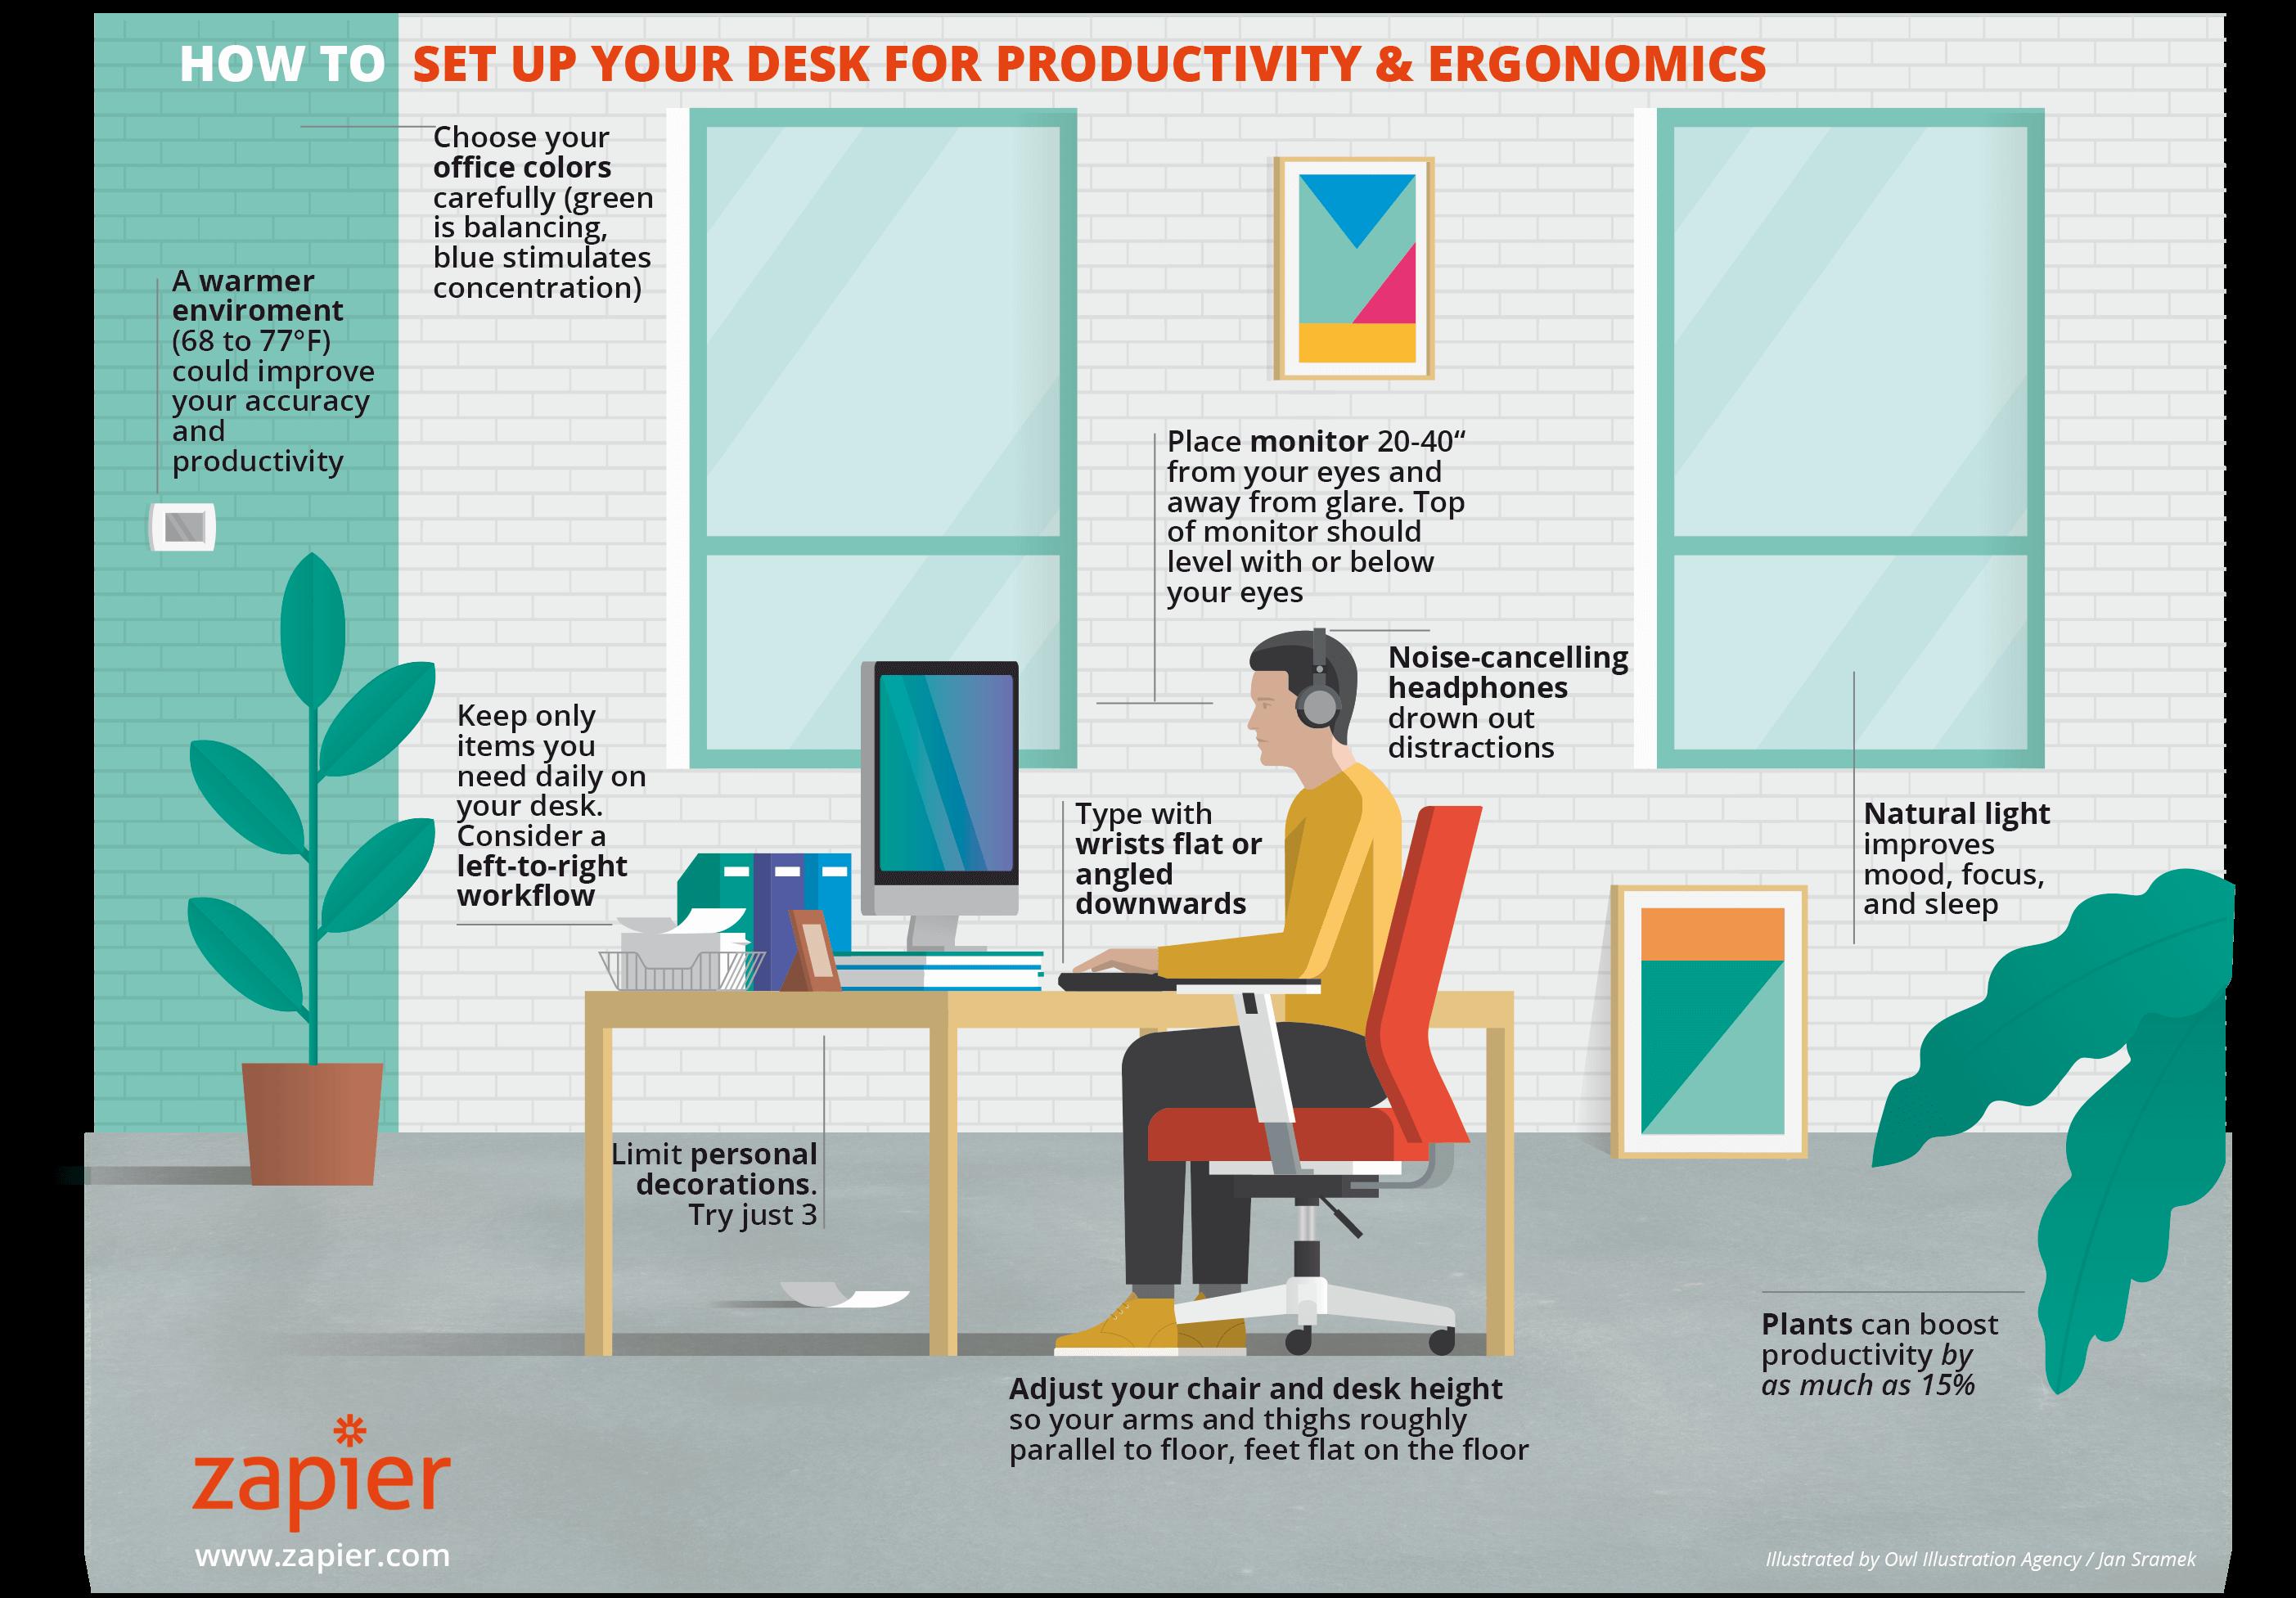 Menyiapkan Meja Kerja Untuk Produktivitas Dan Ergonomi The